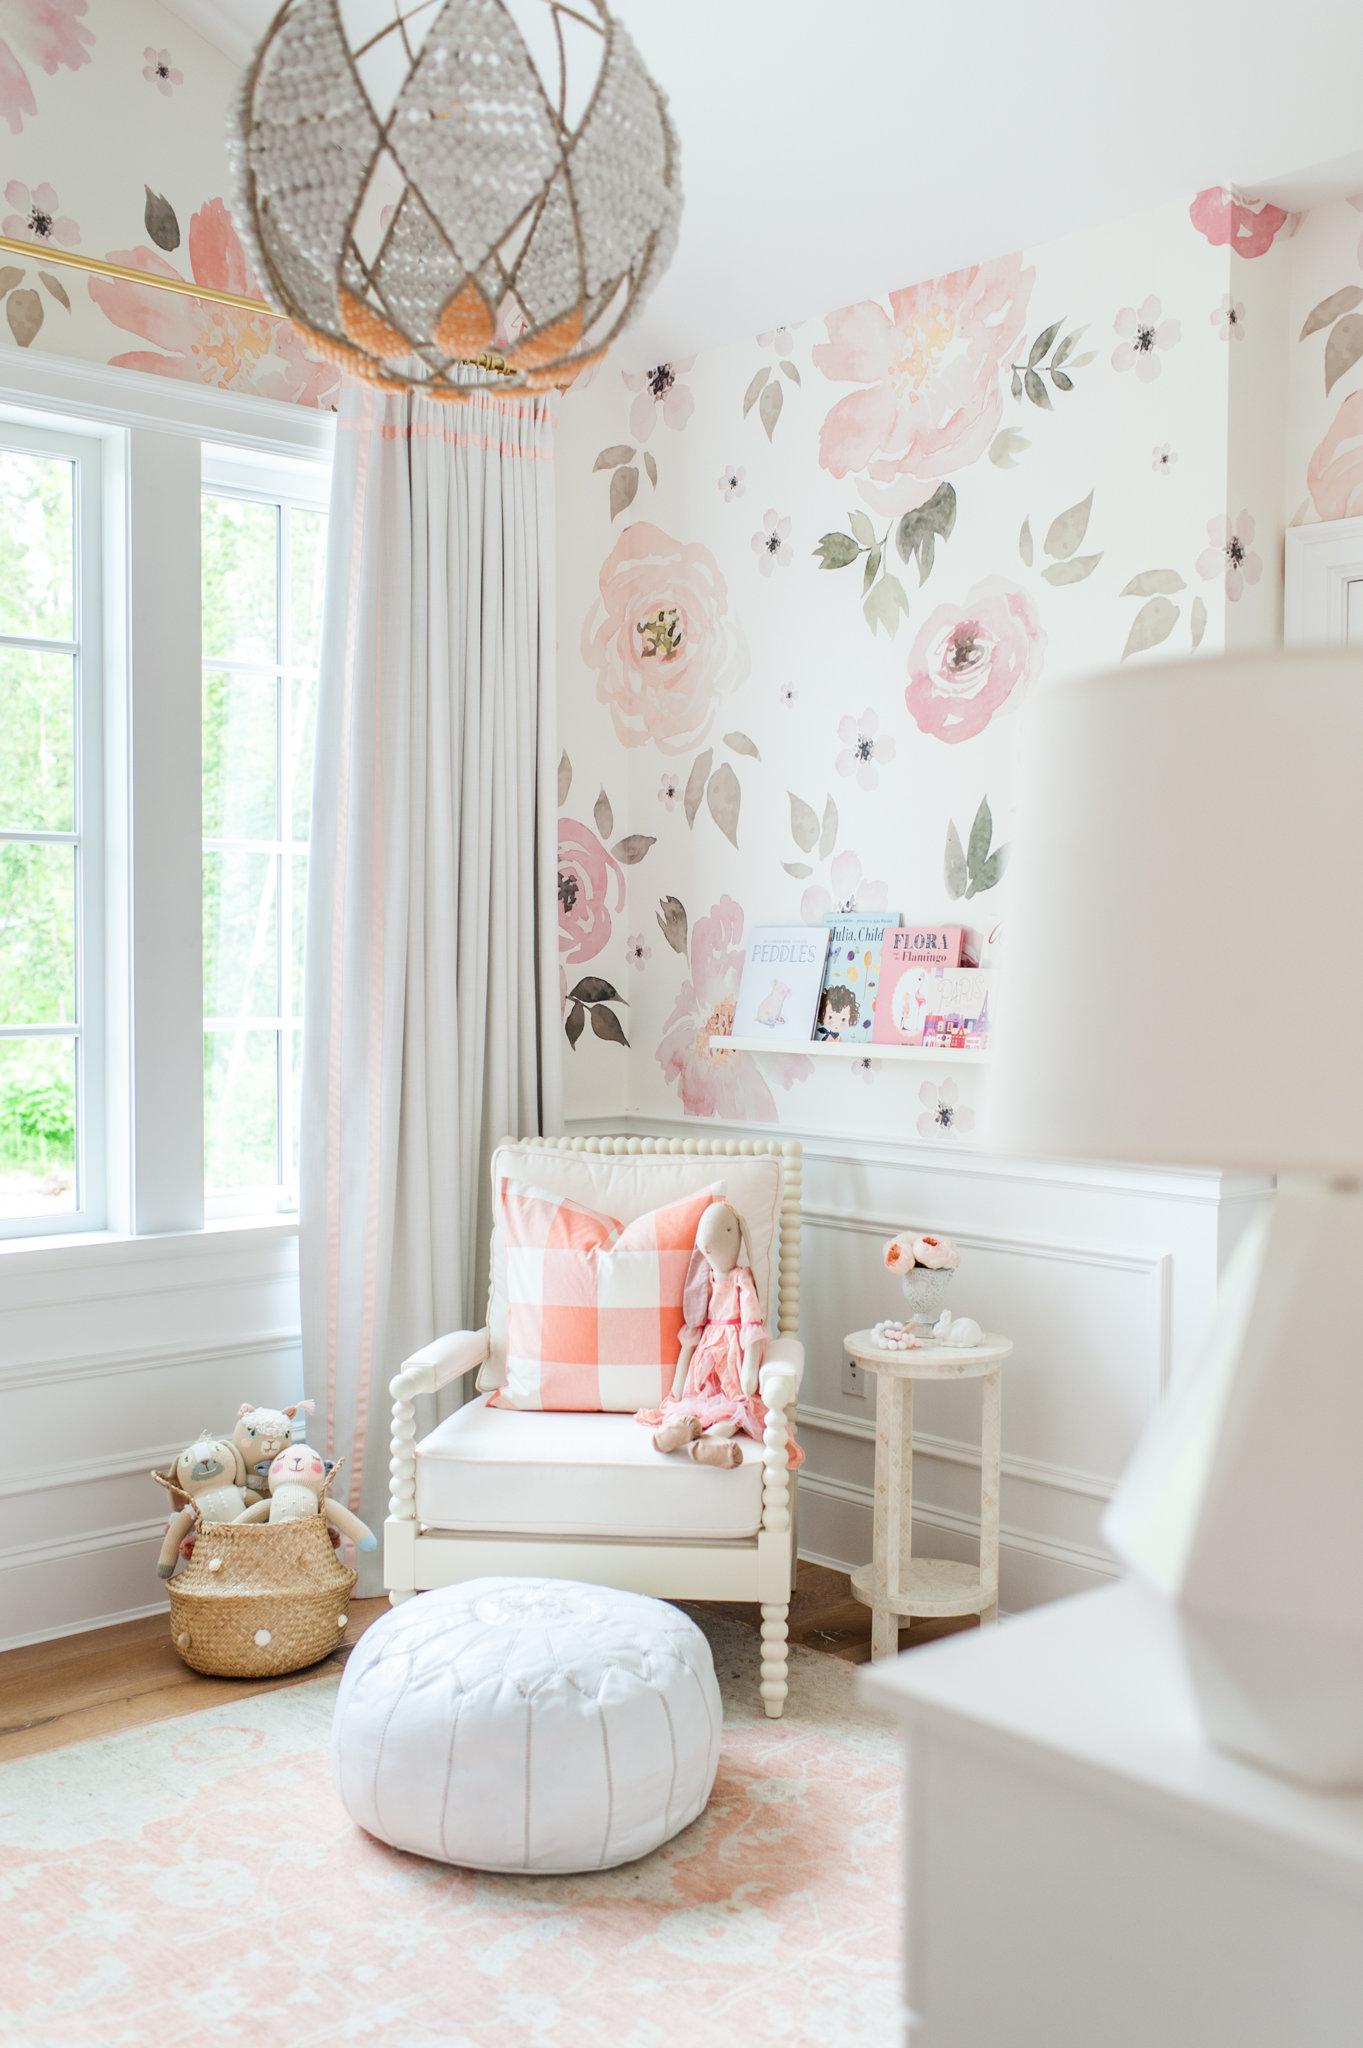 Monika Hibbs' Floral Nursery - Project Nursery